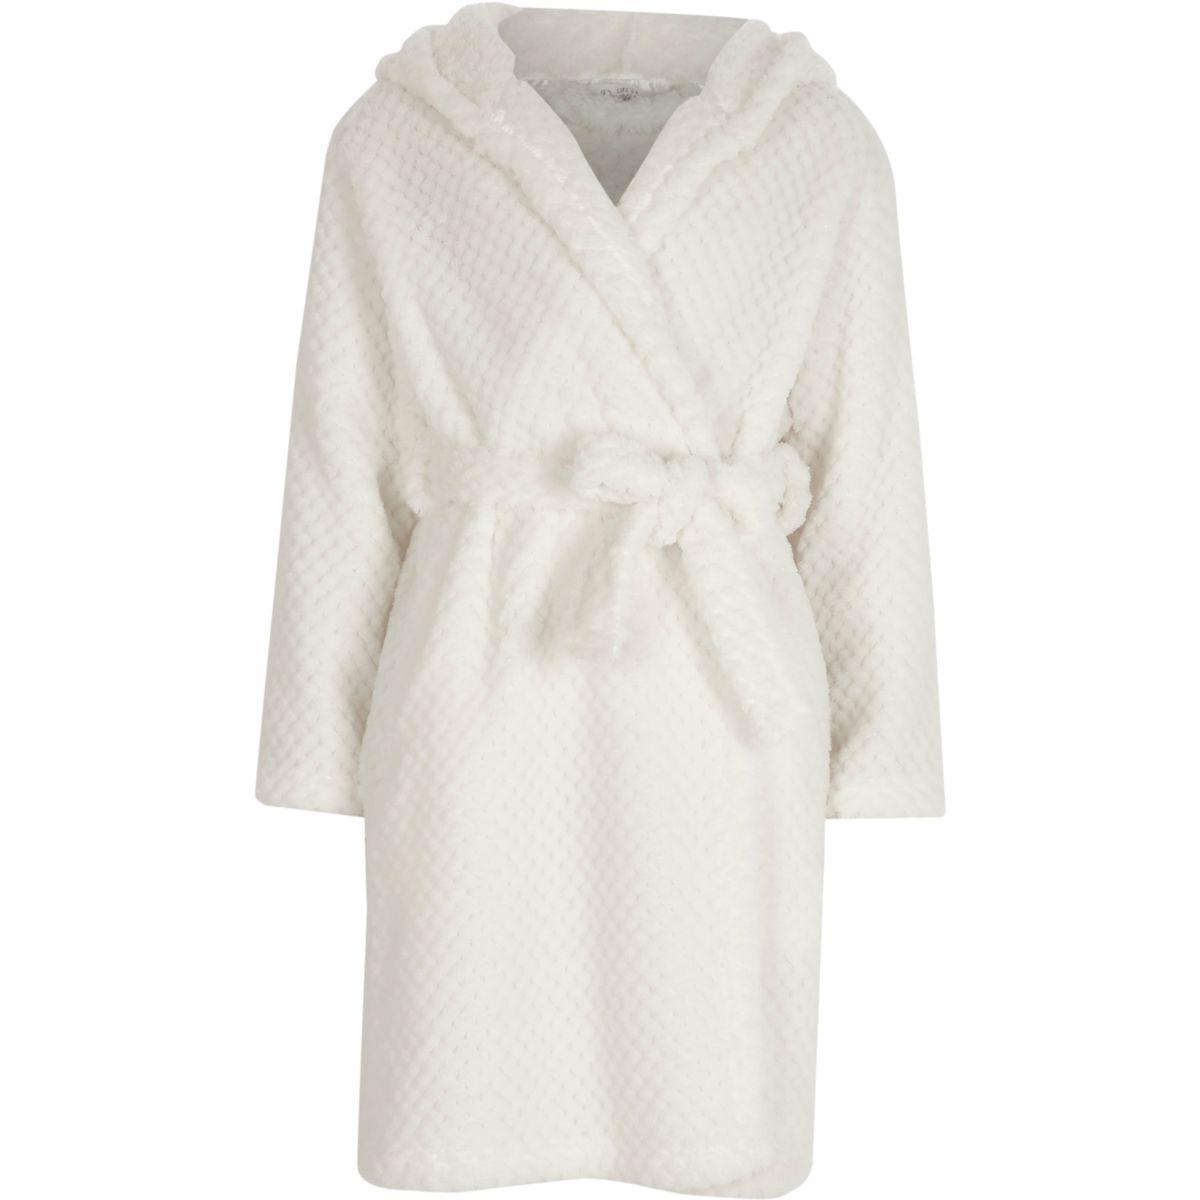 Robe de chambre crème duveteuse matelassée pour fille